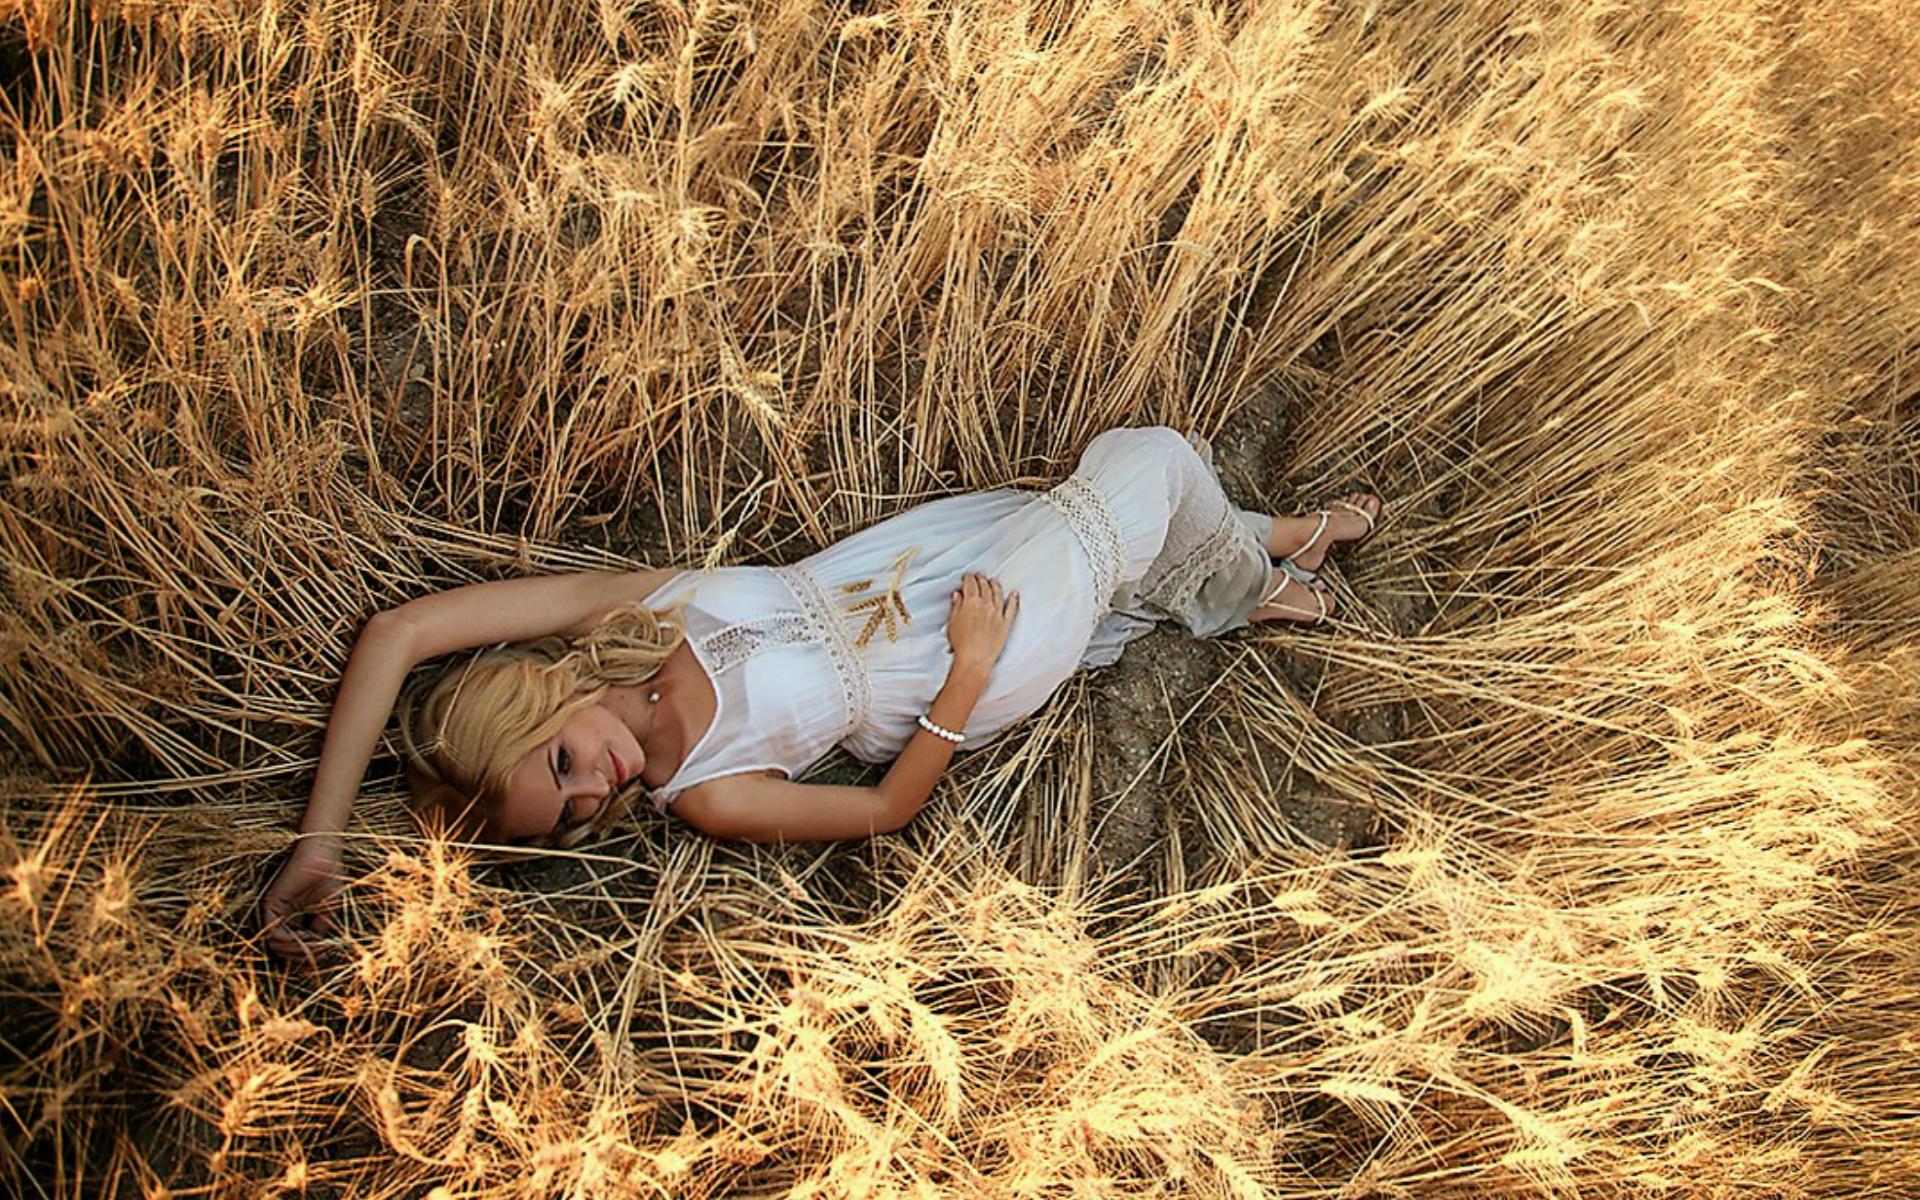 Девушка в поле с колосьями  № 1822184 загрузить